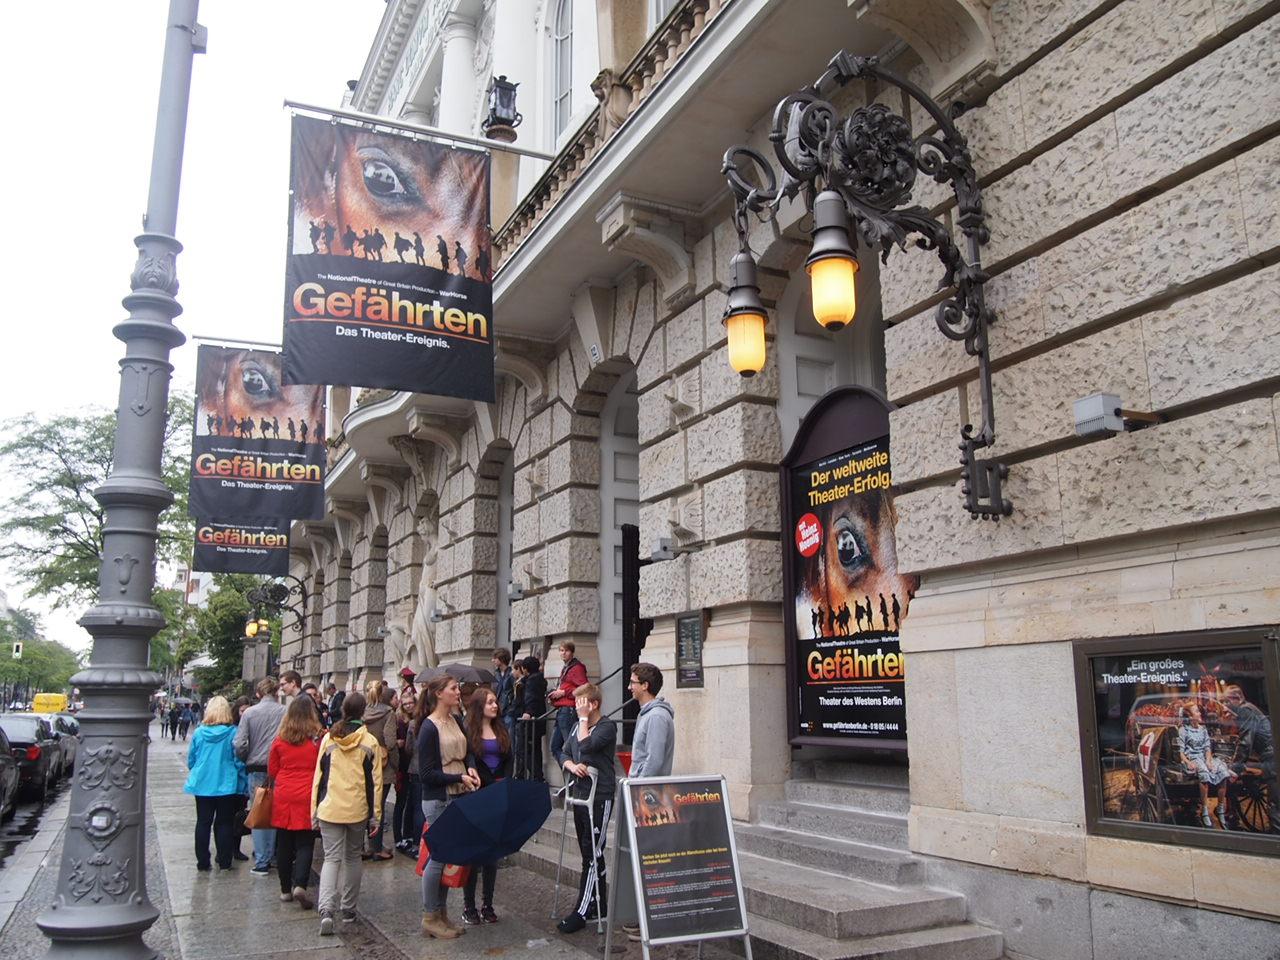 簡単!ベルリンでチケット予約してドイツ演劇を鑑賞する方法とは?